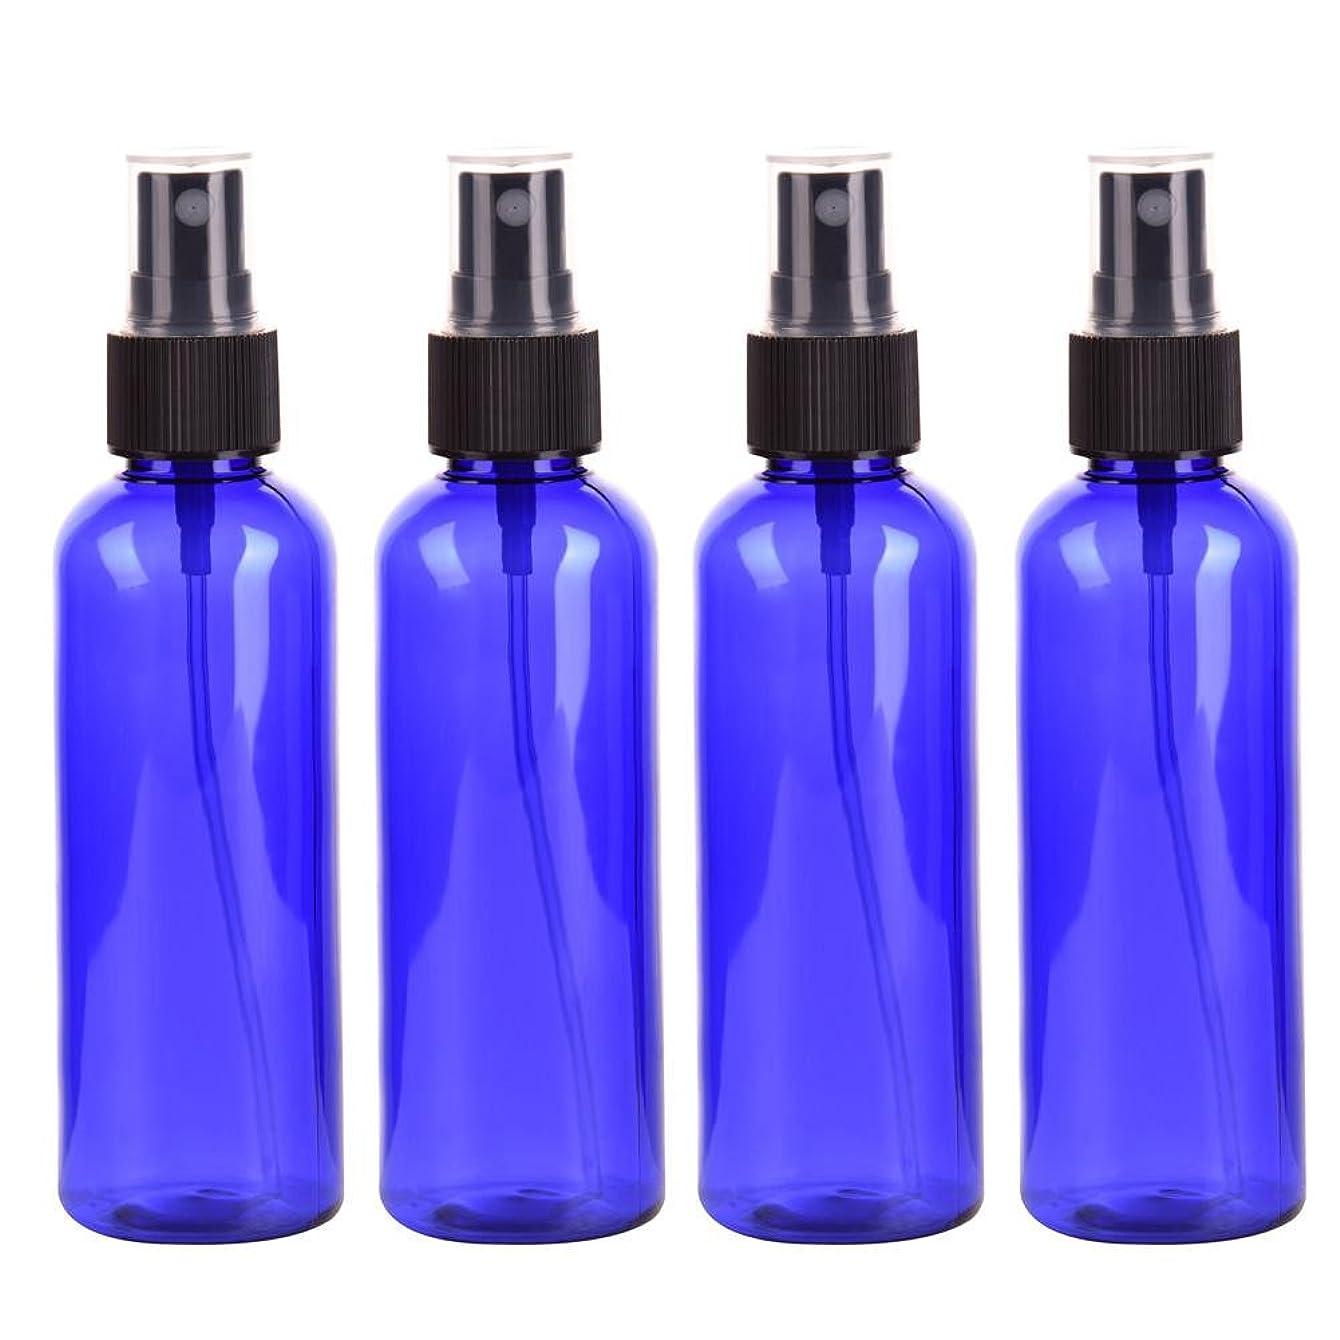 アナニバー代替案悲観主義者【Cheng-store】100mlスプレーボトル 微細ミストプラスチックボトル 化粧液容器 化粧品サブボトルサンプルボトル(4pcs)